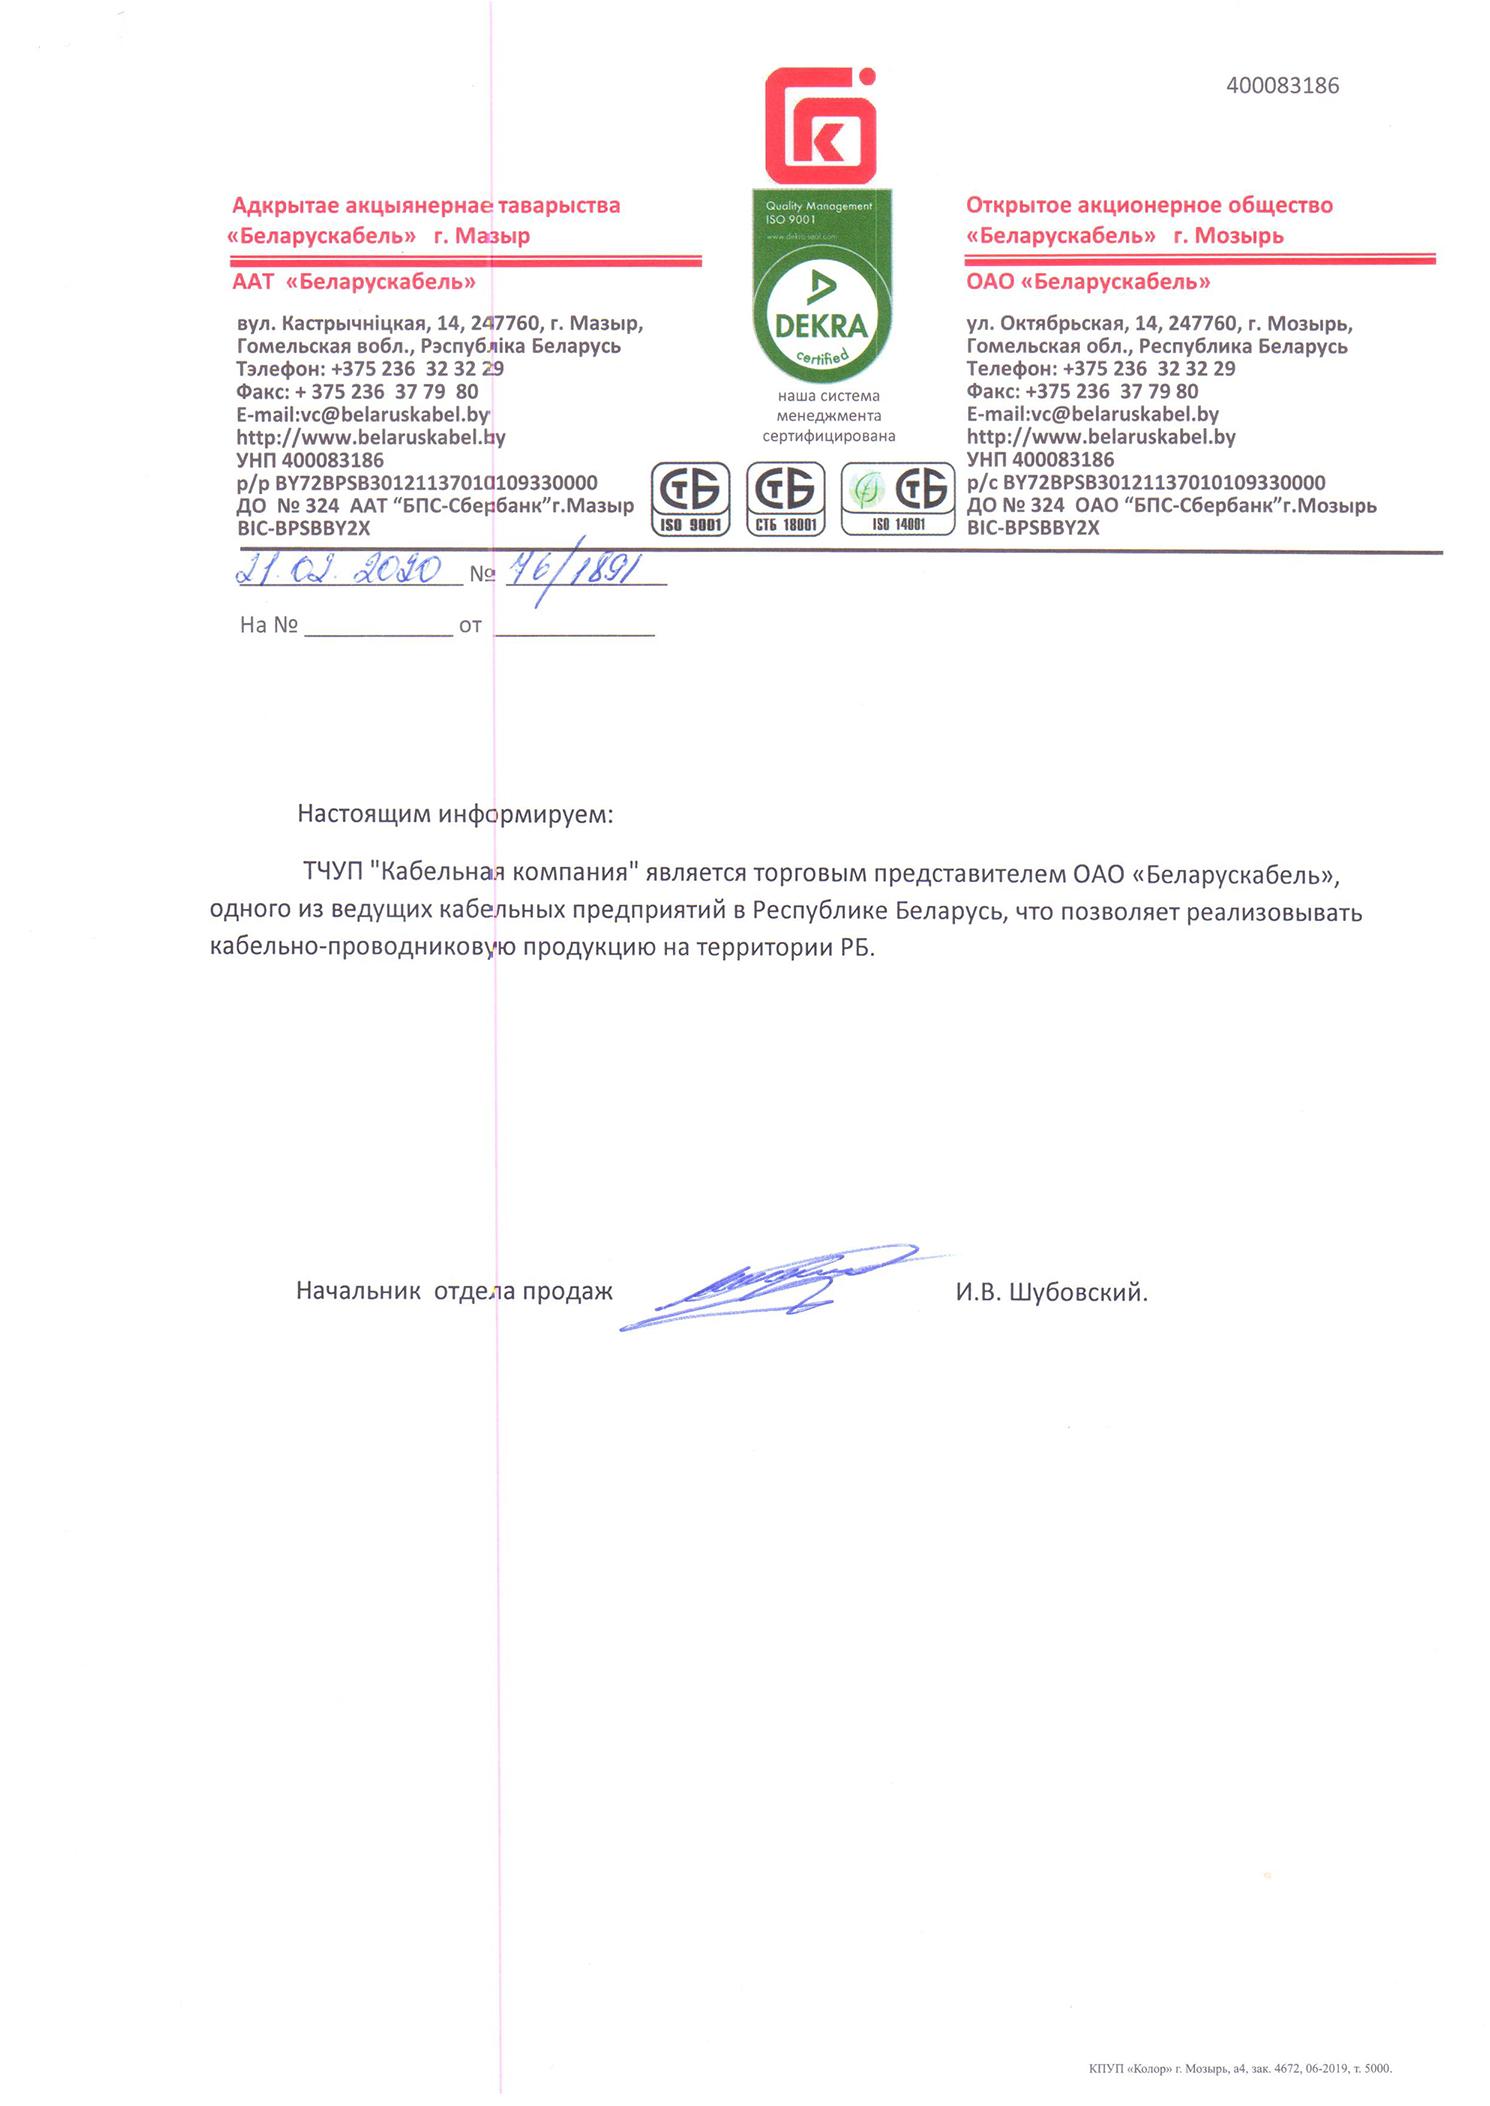 ТЧУП Кабельная компания является торговым представителем ОАО Беларускабель